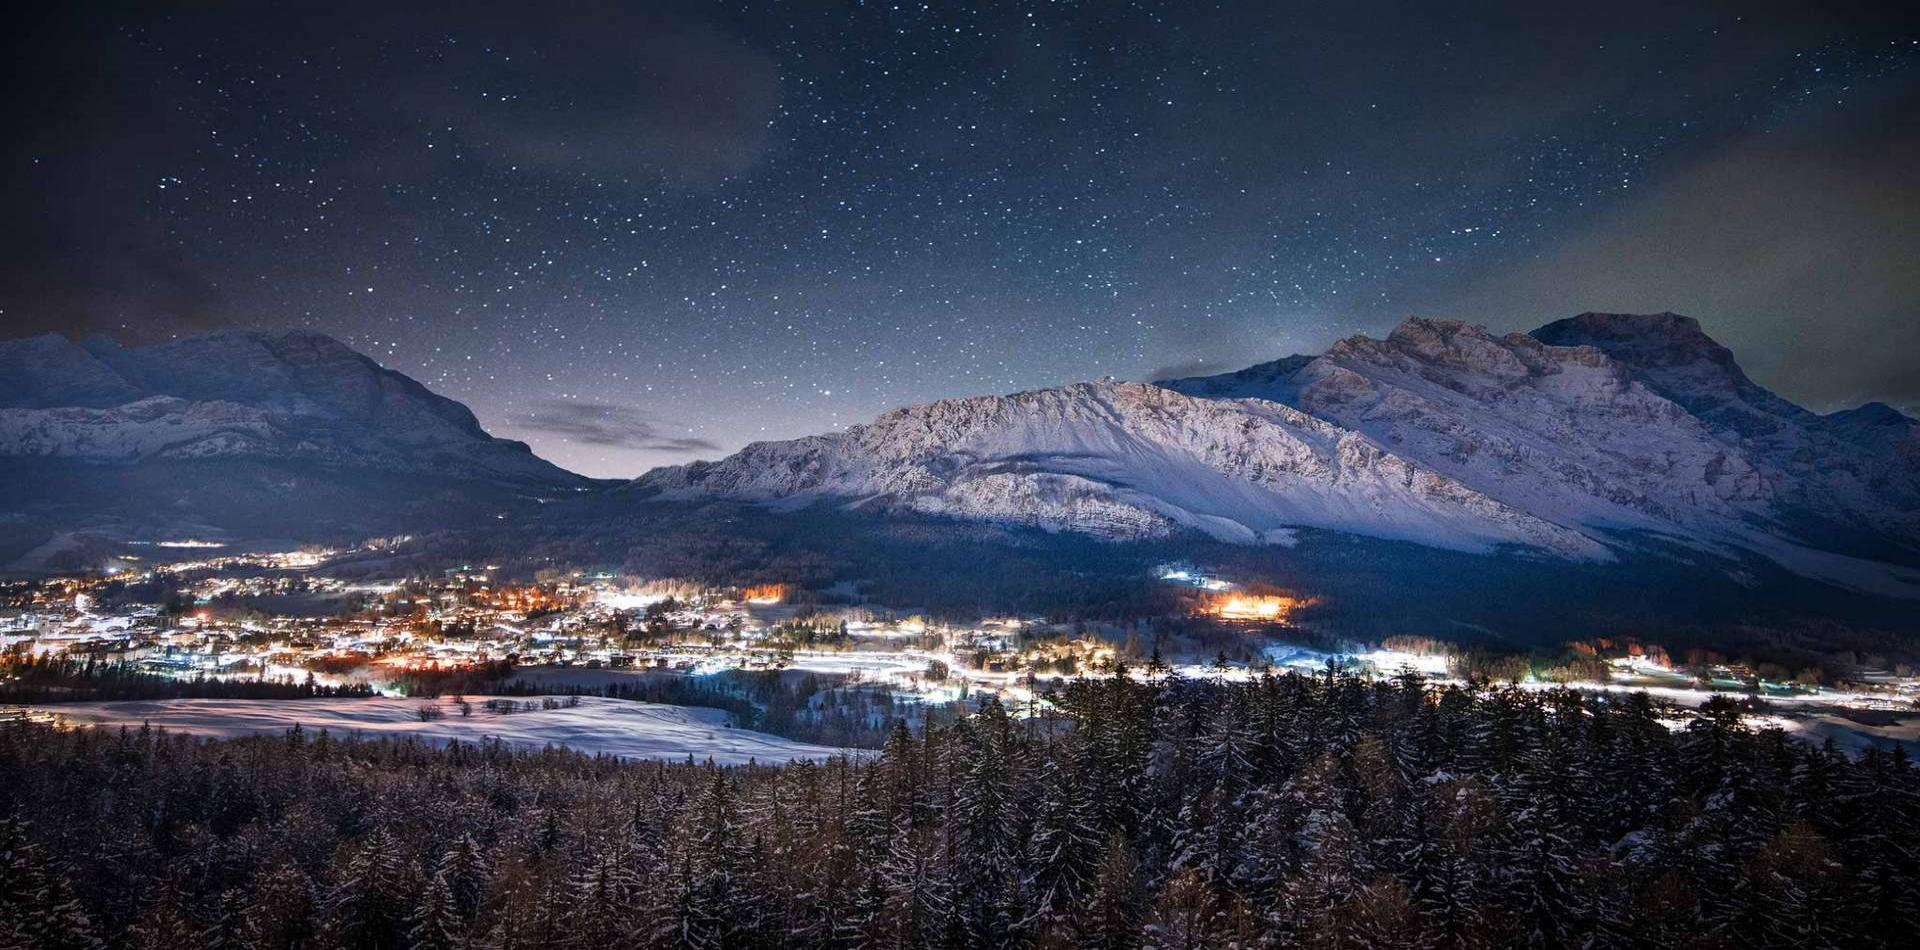 Cortina d'Ampezzo in the Italian Alps